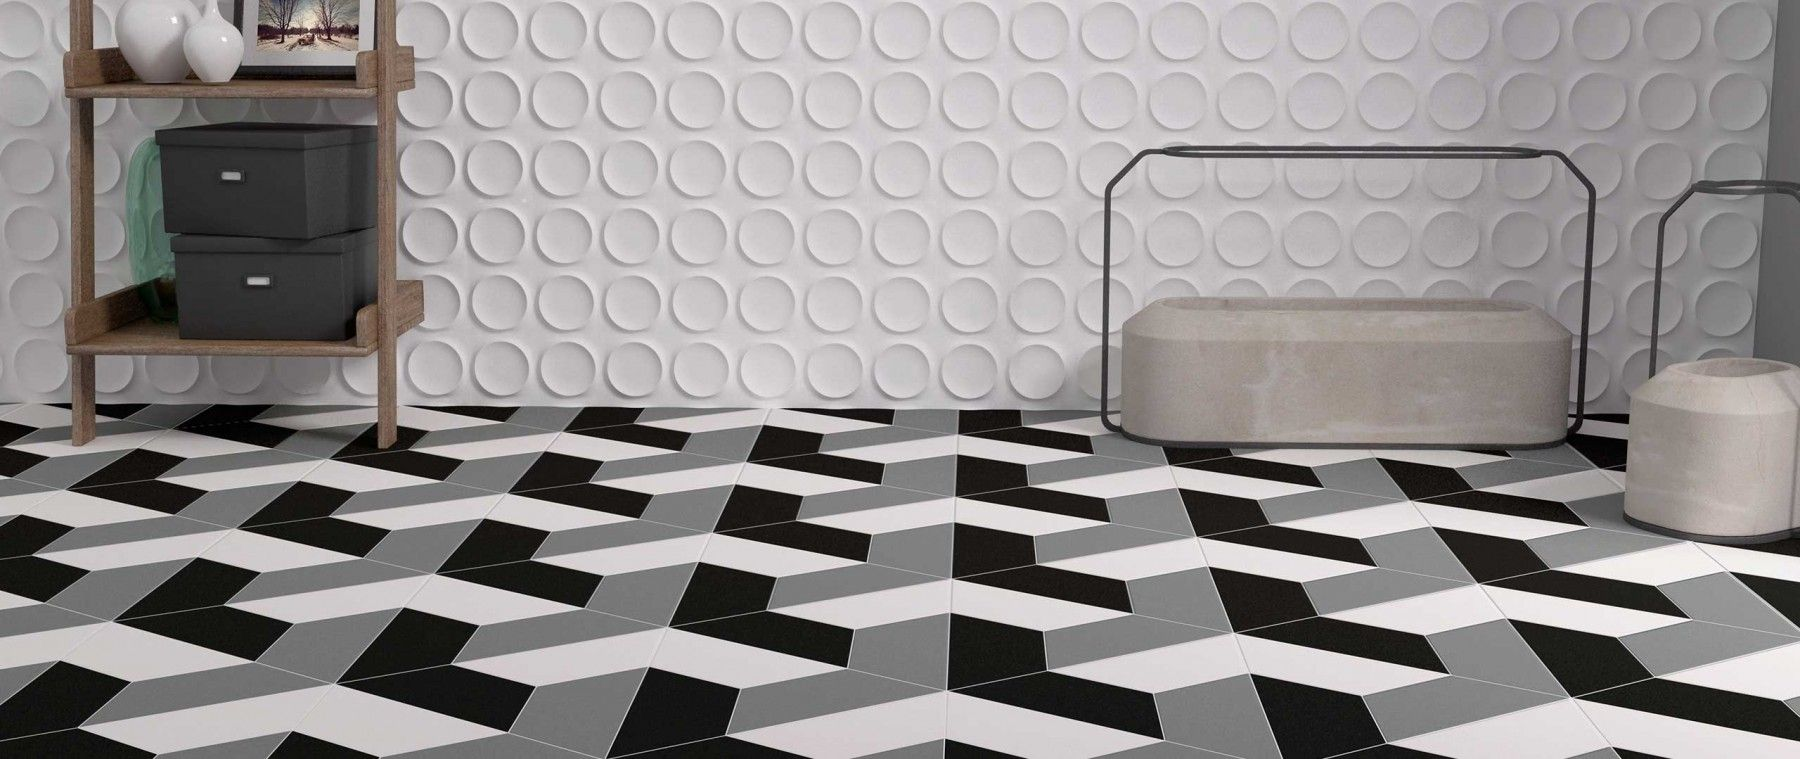 Geometric Floor Tiles Modern Floor Design Geometric Floor Design Apdailos Namai Decor Flooring Tile Floor